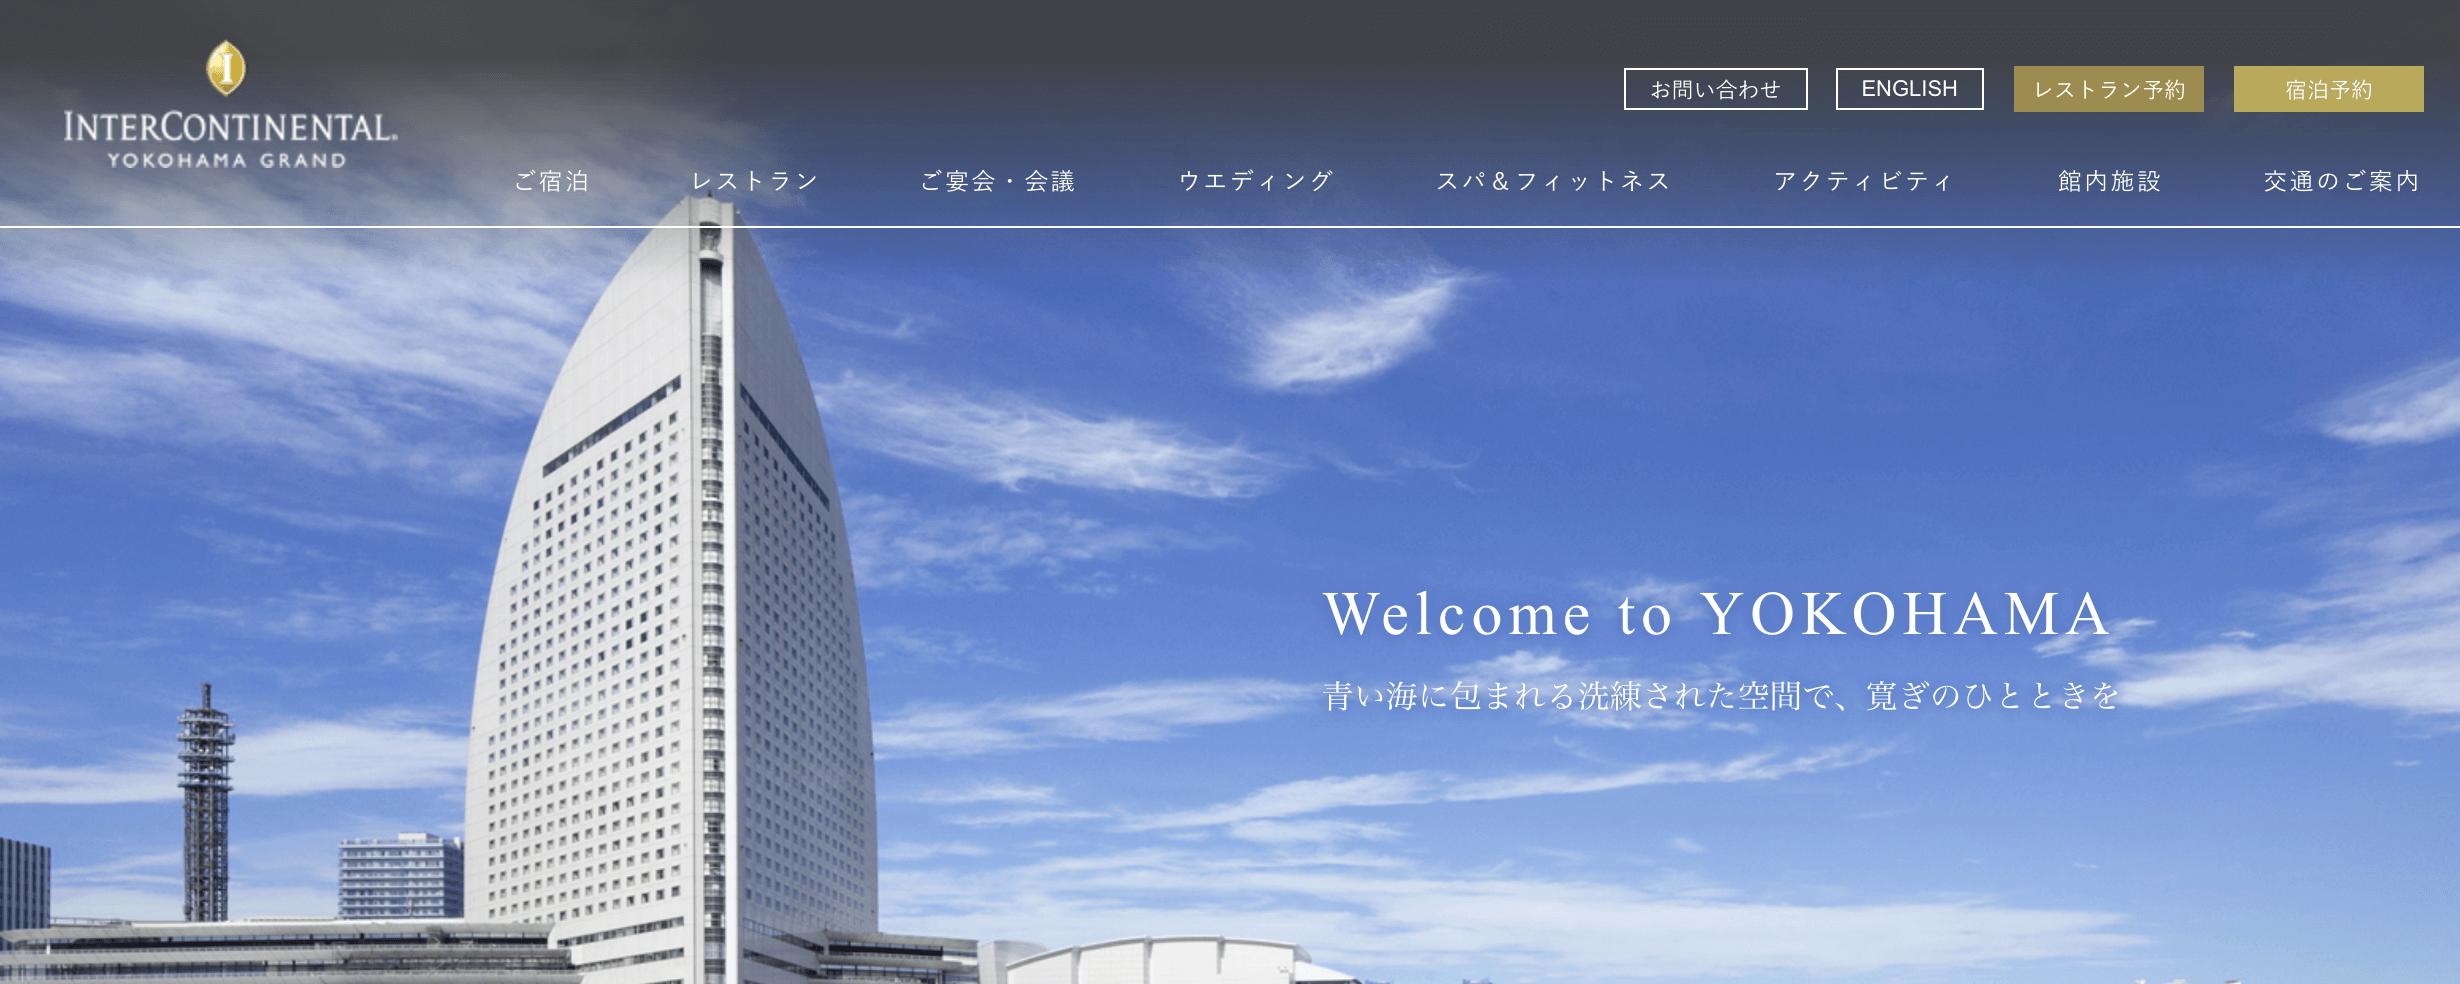 横浜でパパ活におすすめなホテル「ヨコハマ グランド インターコンチネンタル ホテル」